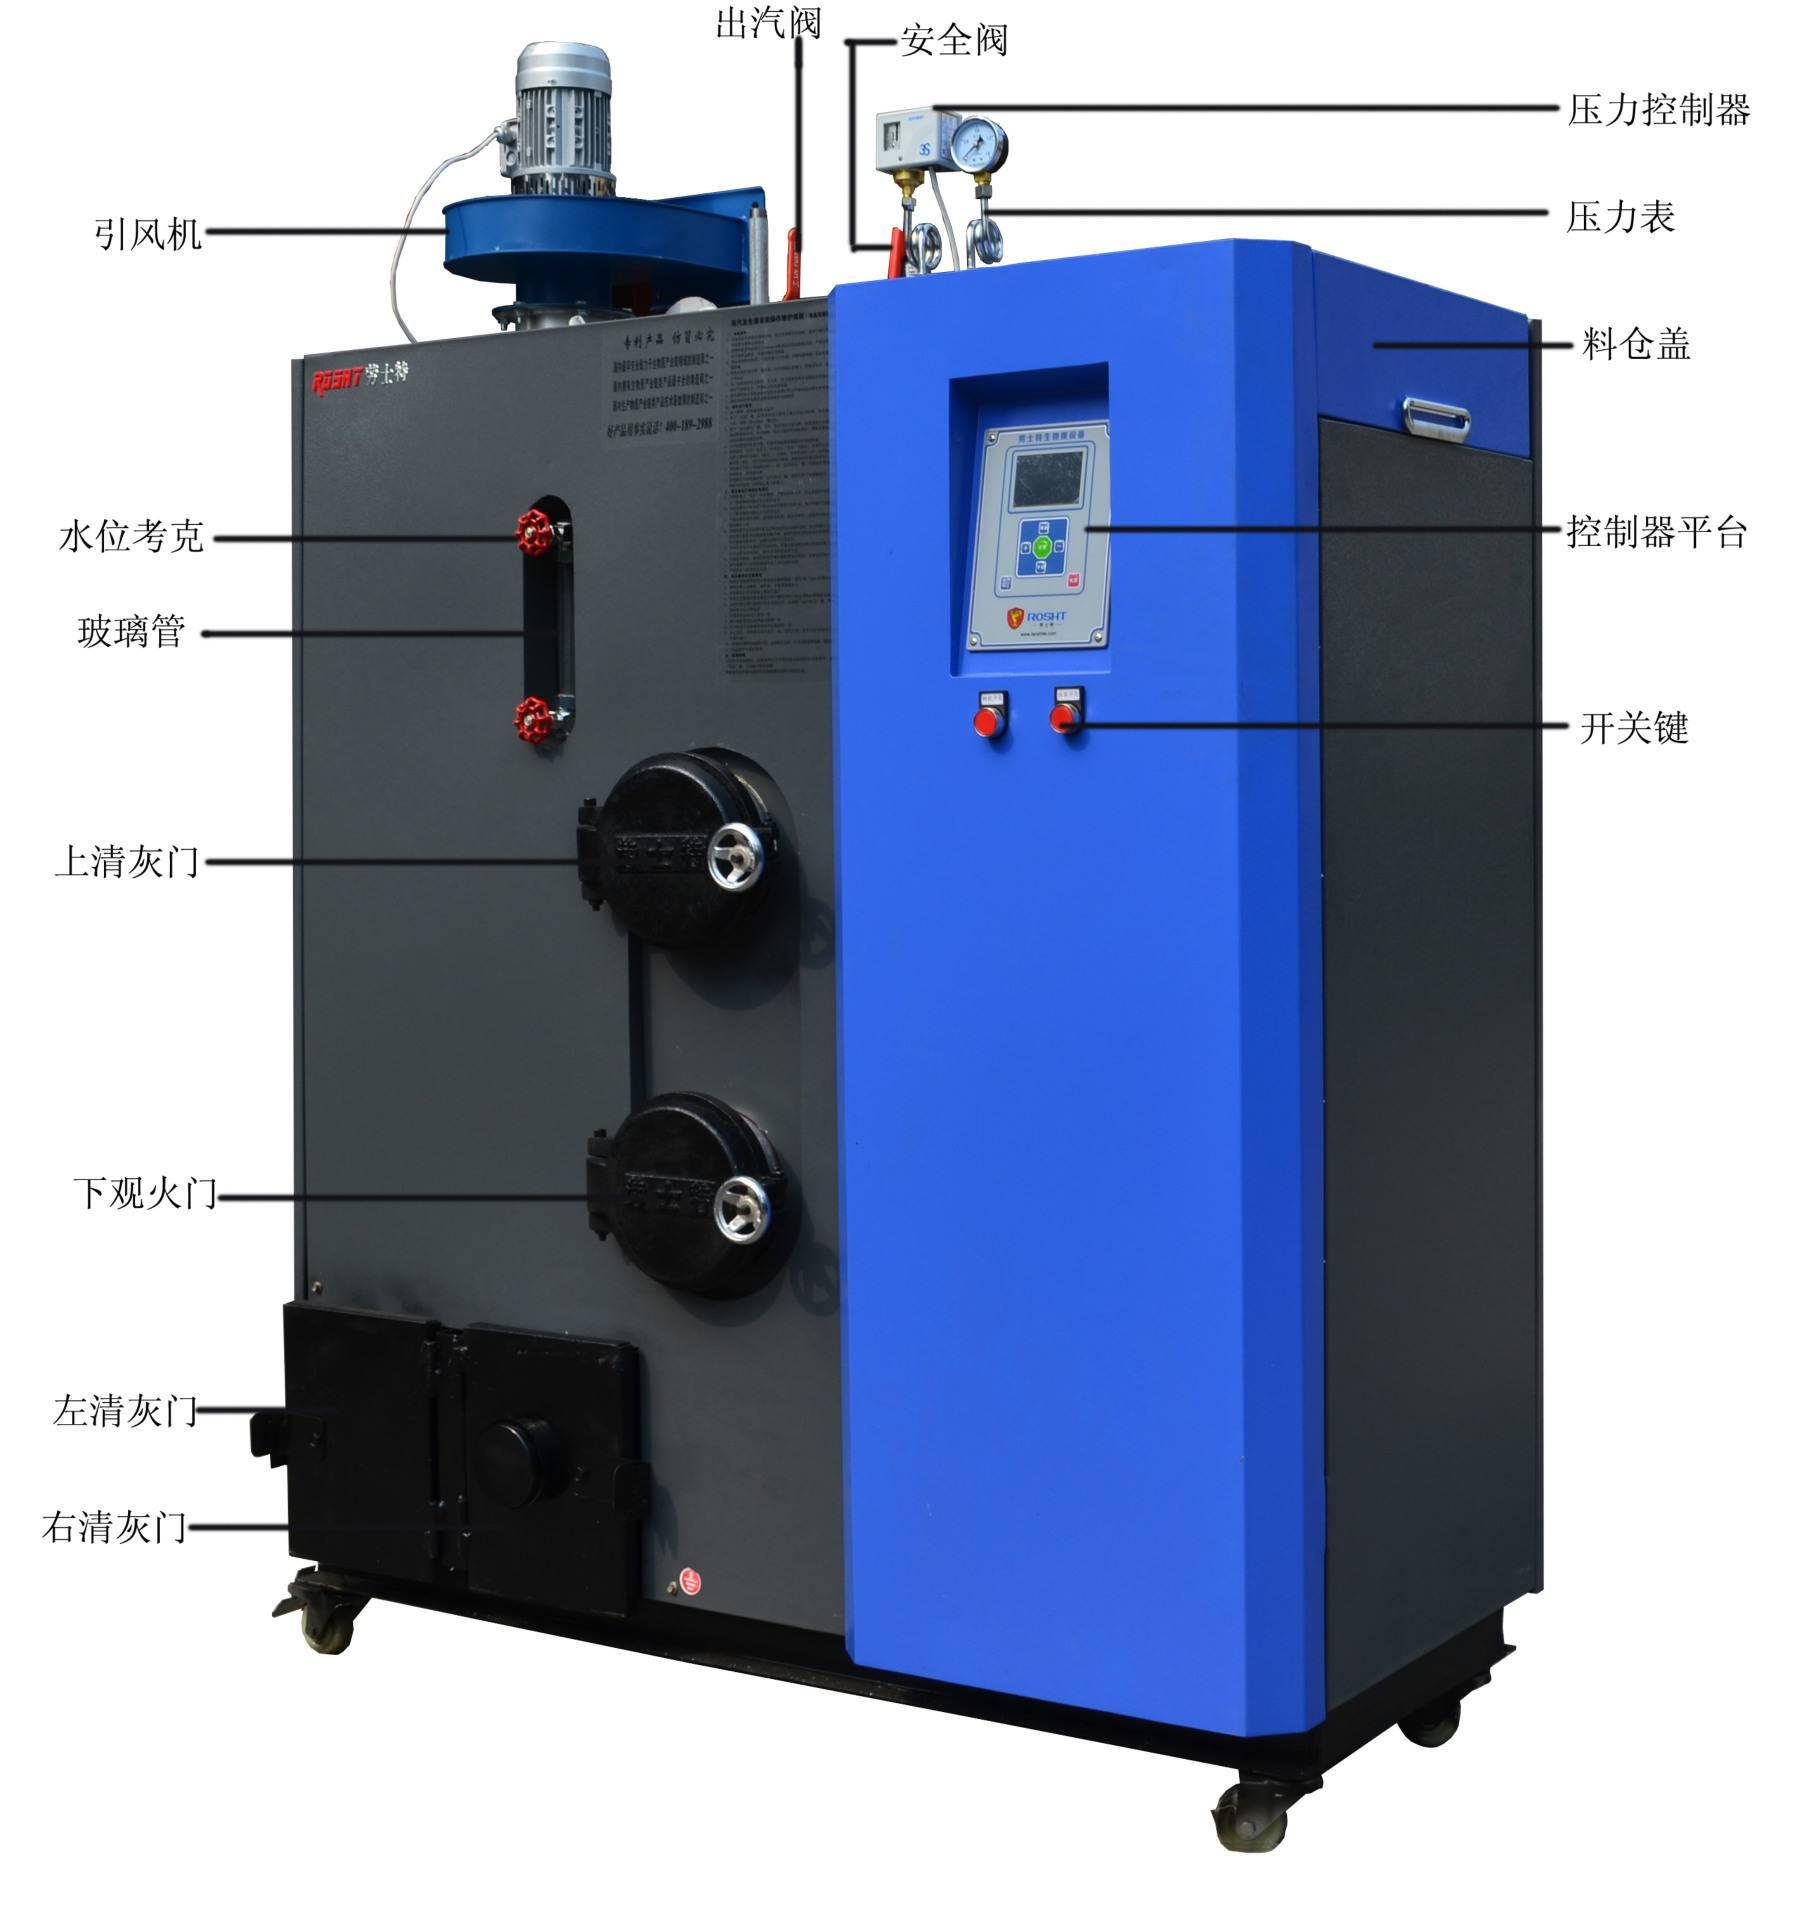 厂家供应生物质蒸汽发生器_贵州福鑫宏源高质量的150KG生物质蒸汽发生器出售